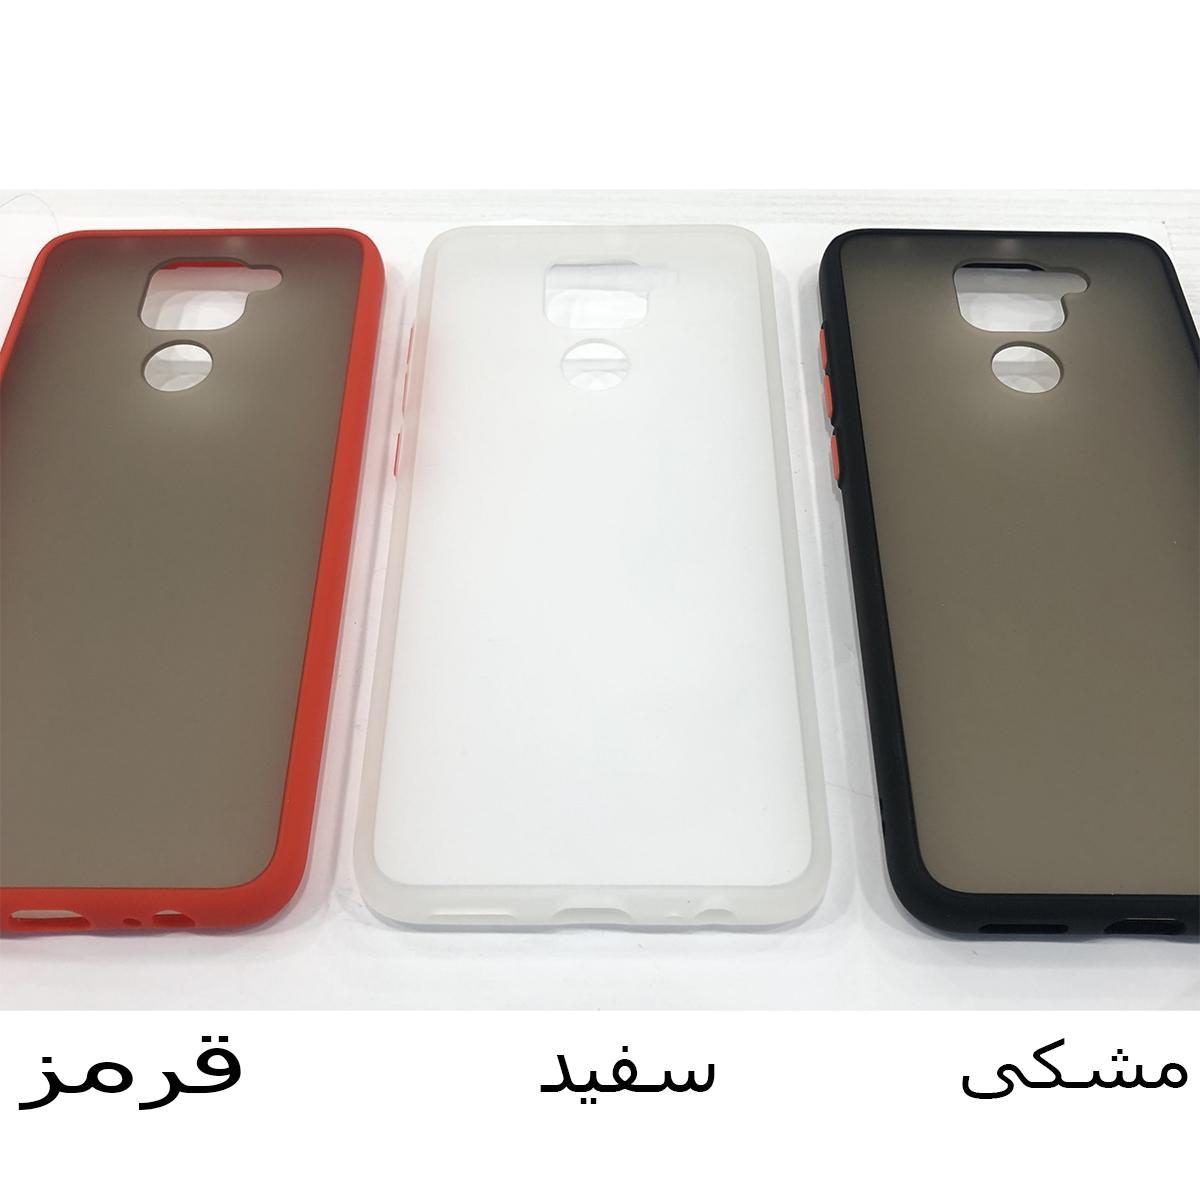 کاور مدل CS-001 مناسب برای گوشی موبایل شیائومی Redmi Note 9 thumb 2